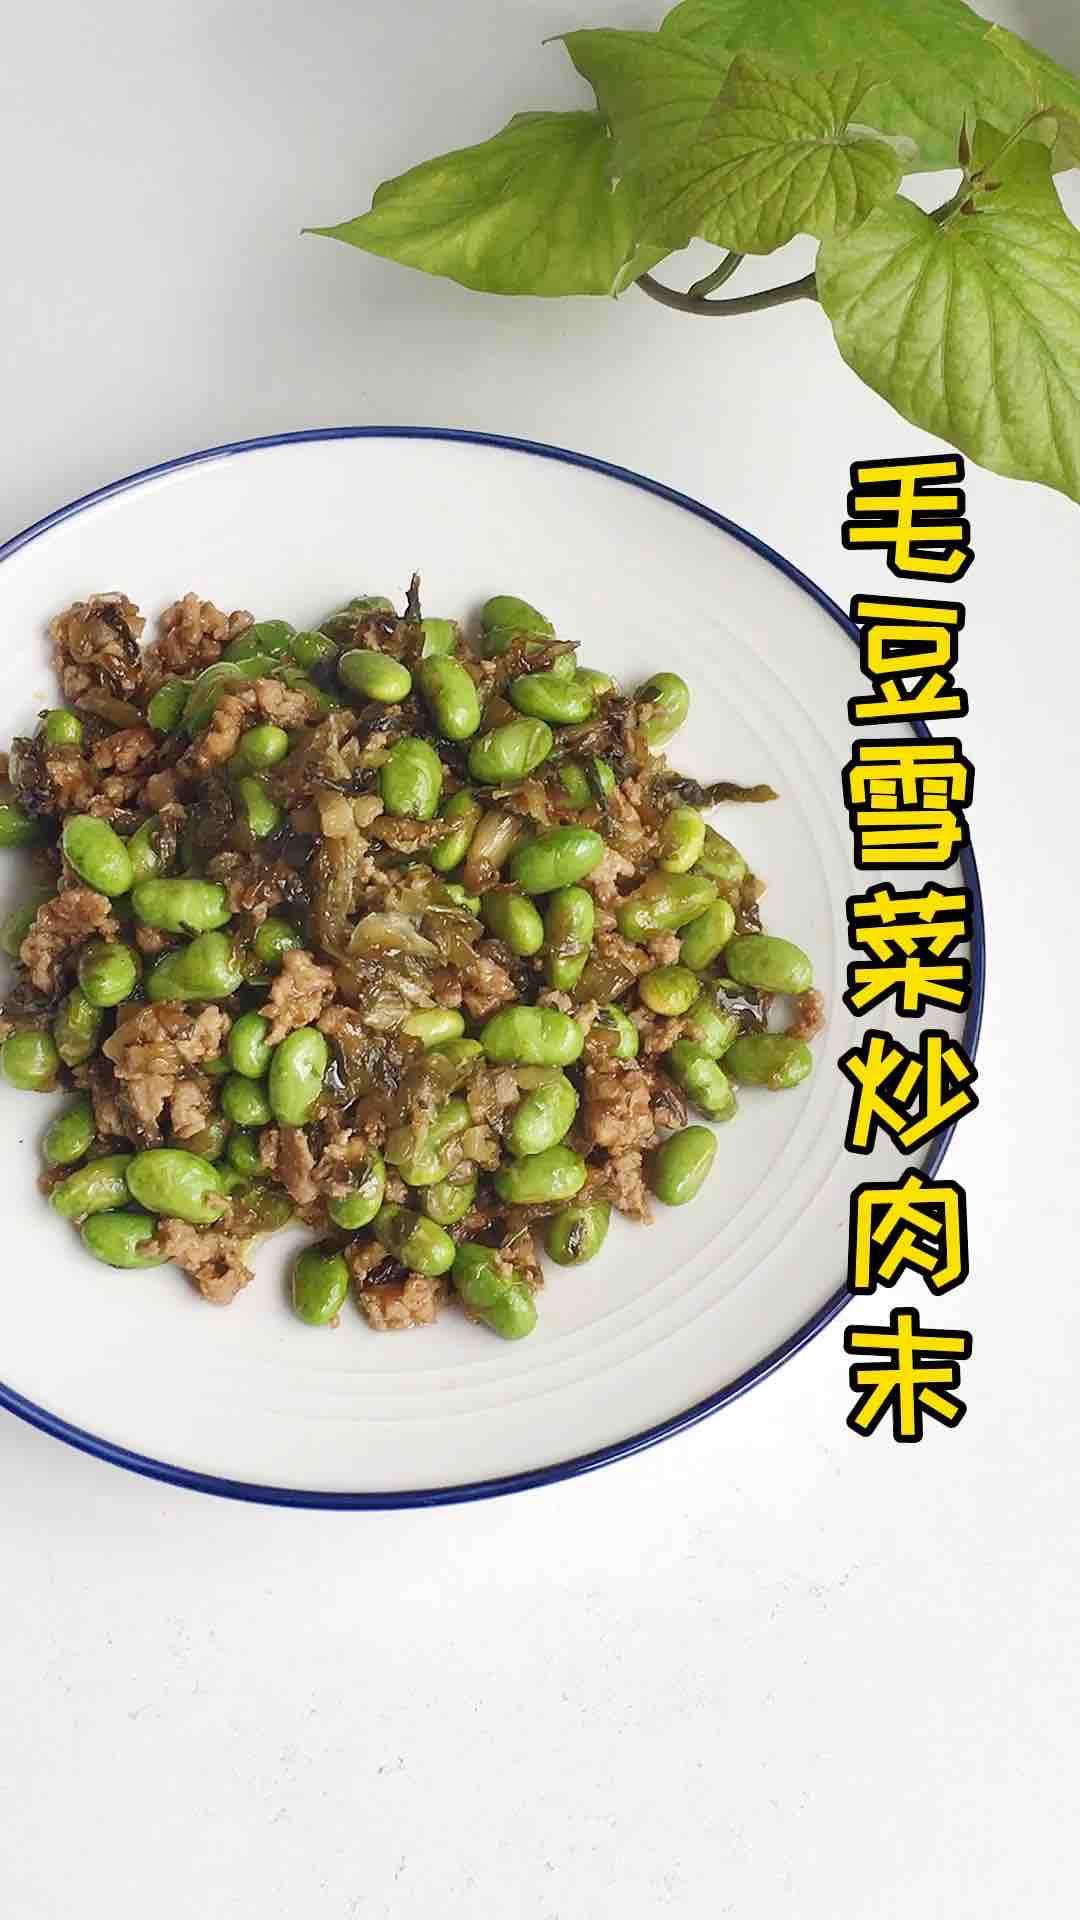 毛豆雪菜炒肉末